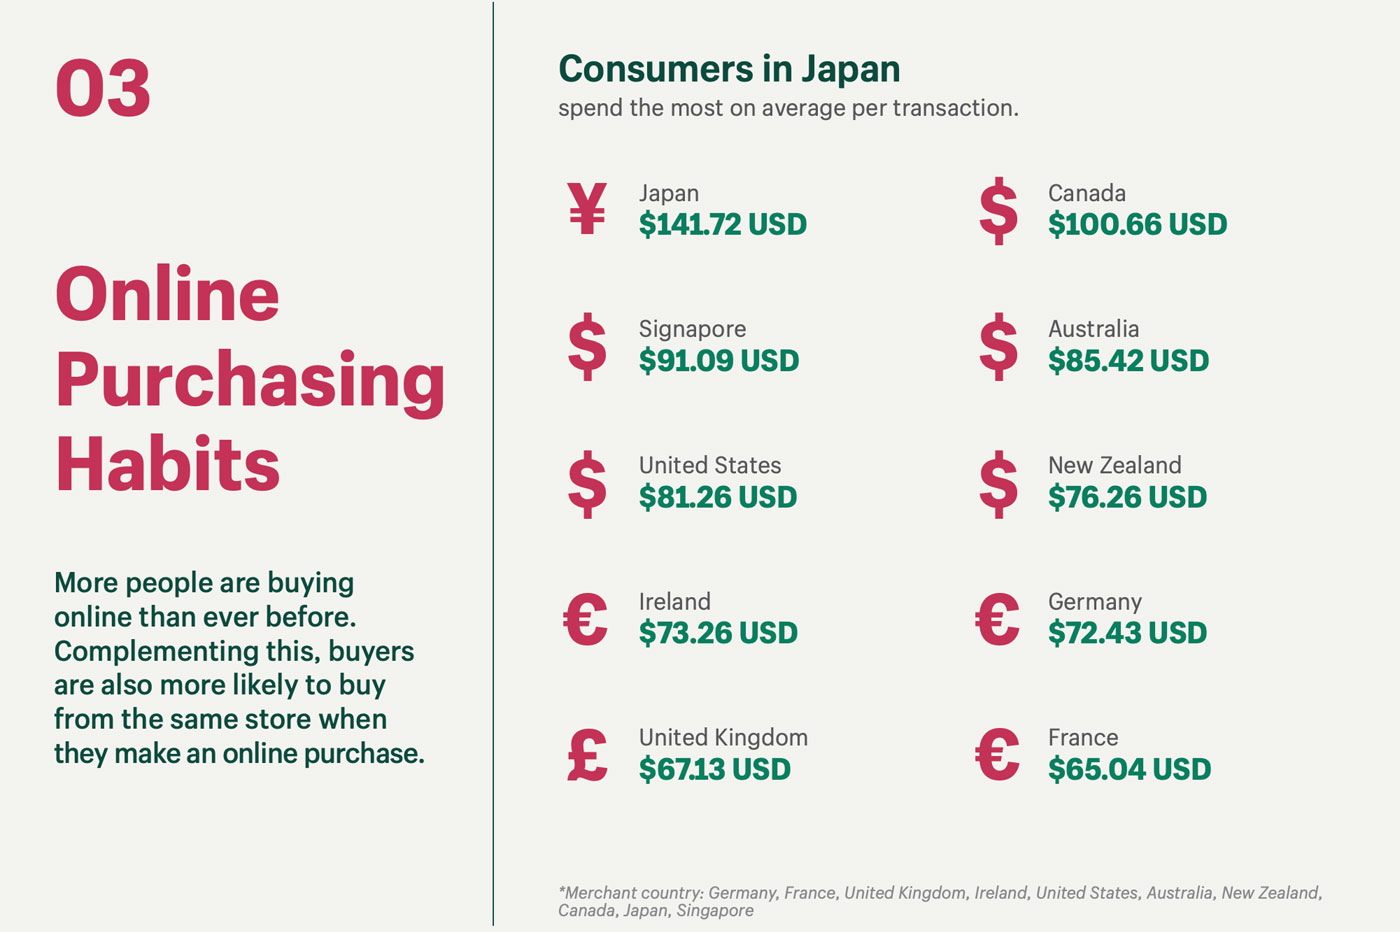 Montant moyen dépensé selon le pays